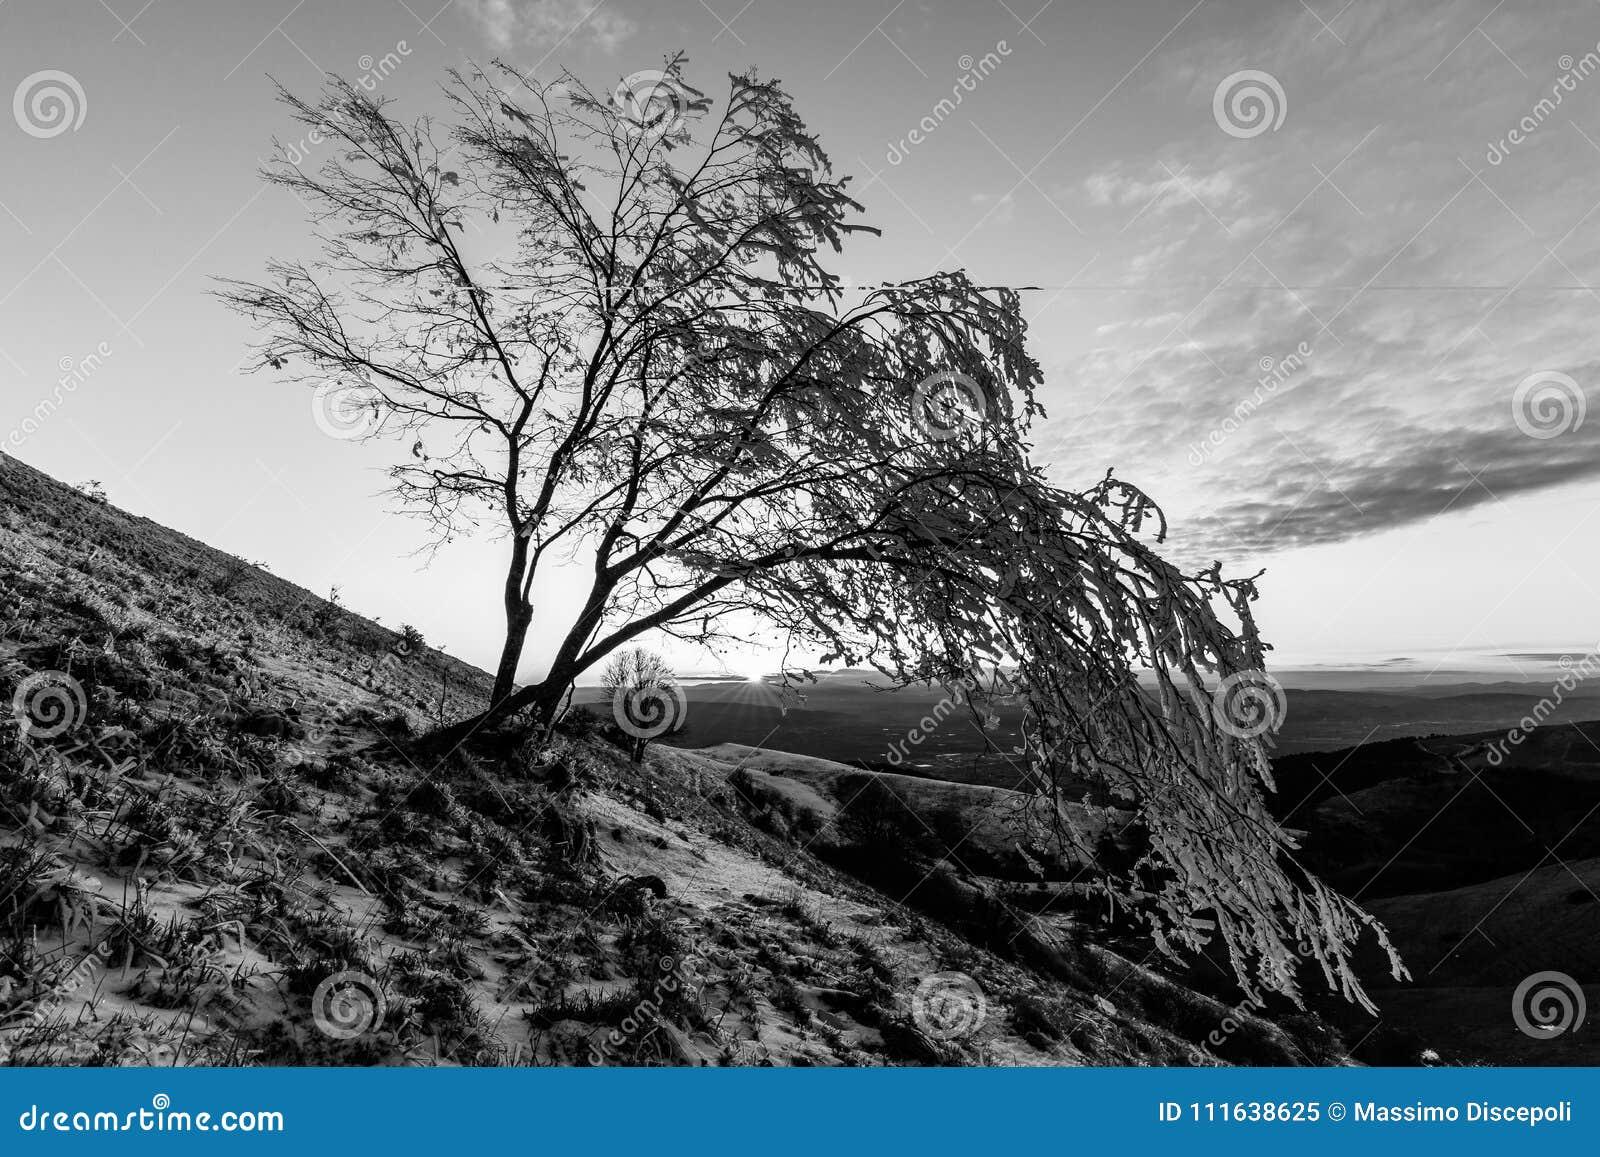 Mooie zonsondergang op een berg, met sneeuw die de grond en de vorst op de takken van bomen behandelen